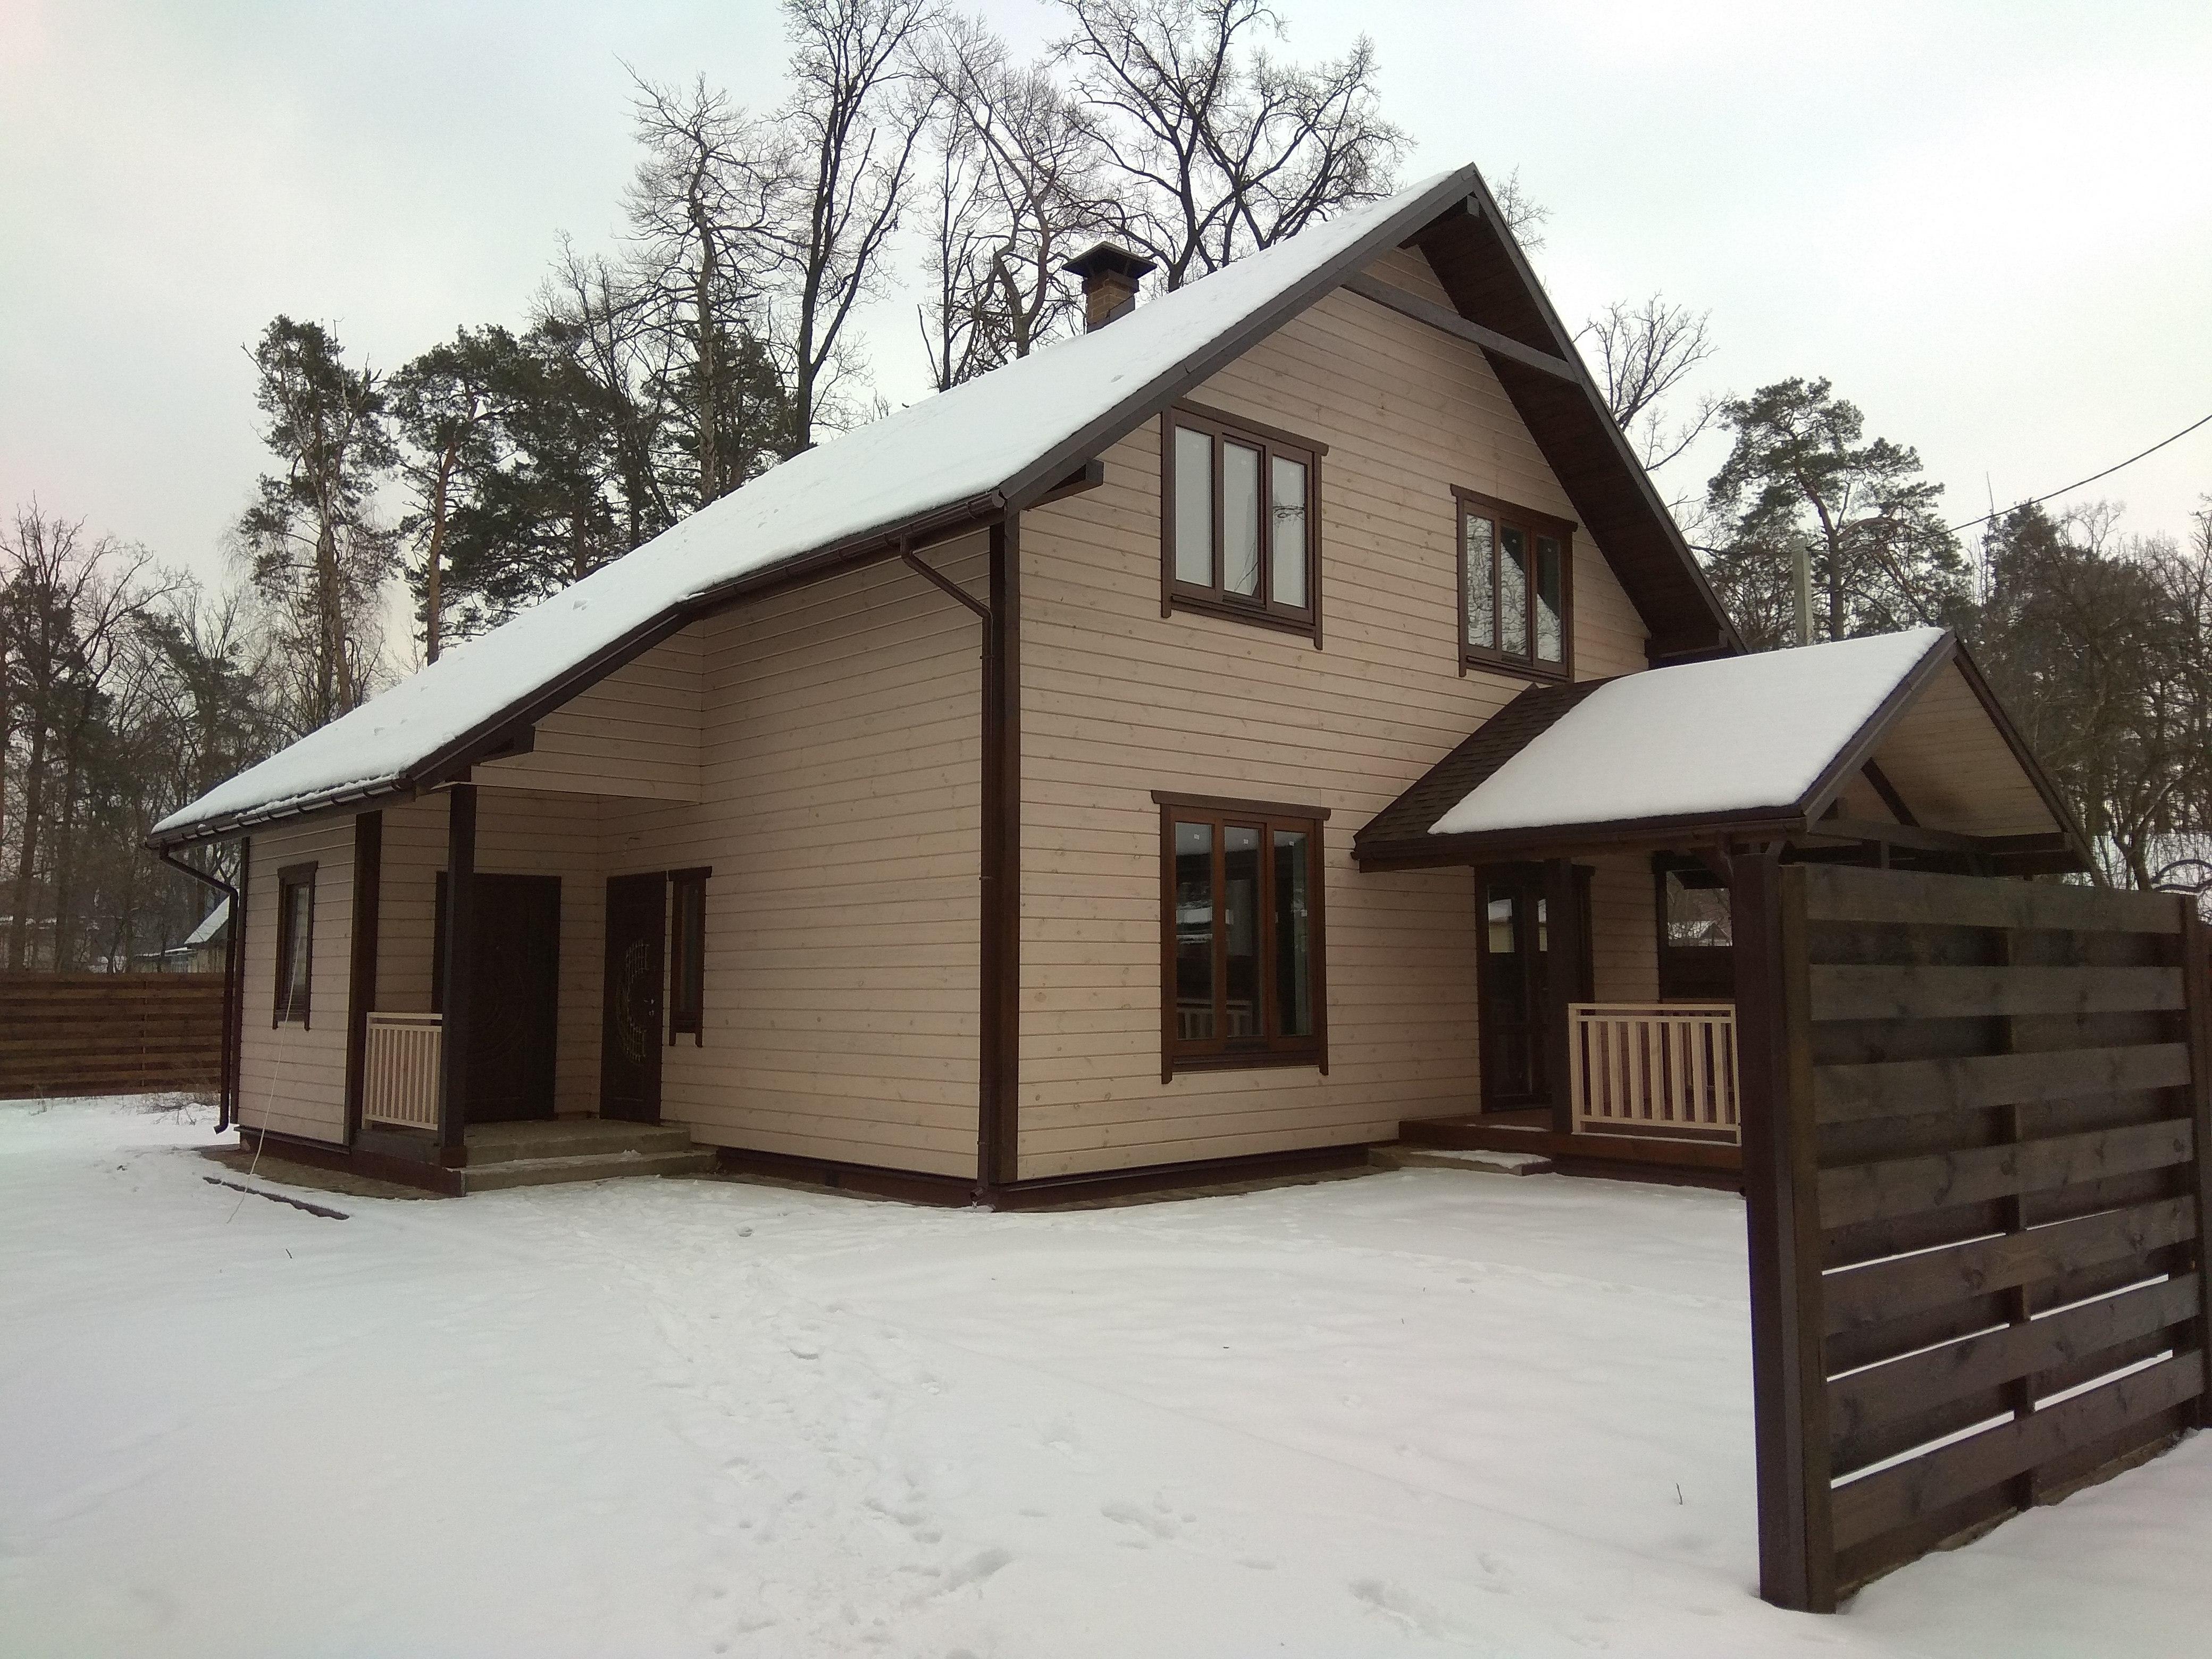 Продам экологически чистый каркасный деревянный дом в Ворзеле.